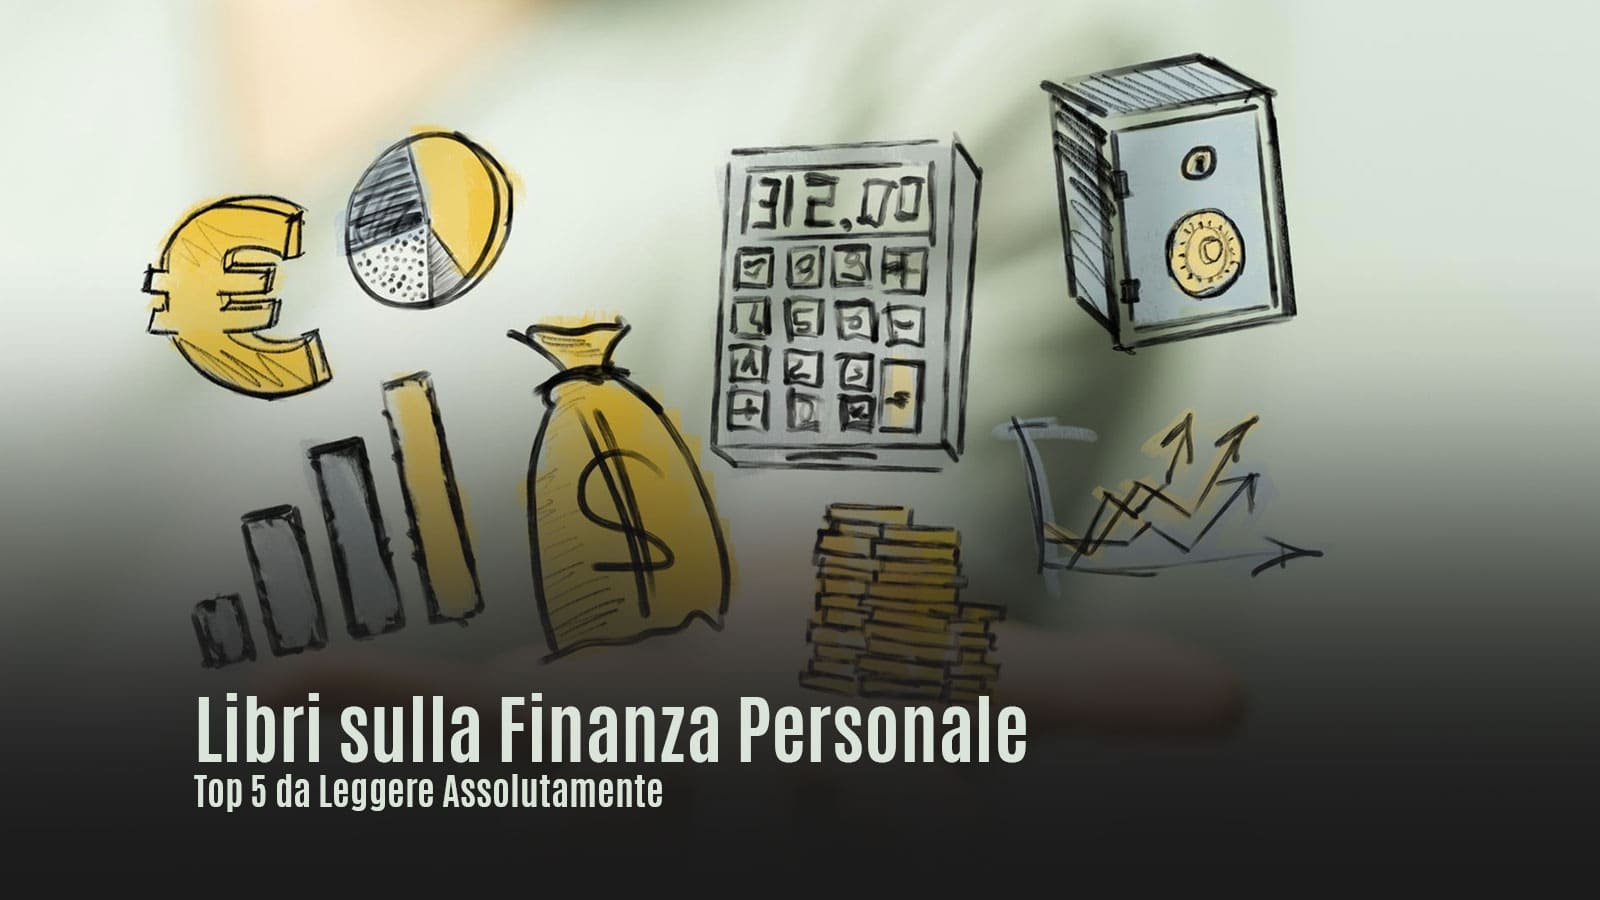 libri sulla finanza personale